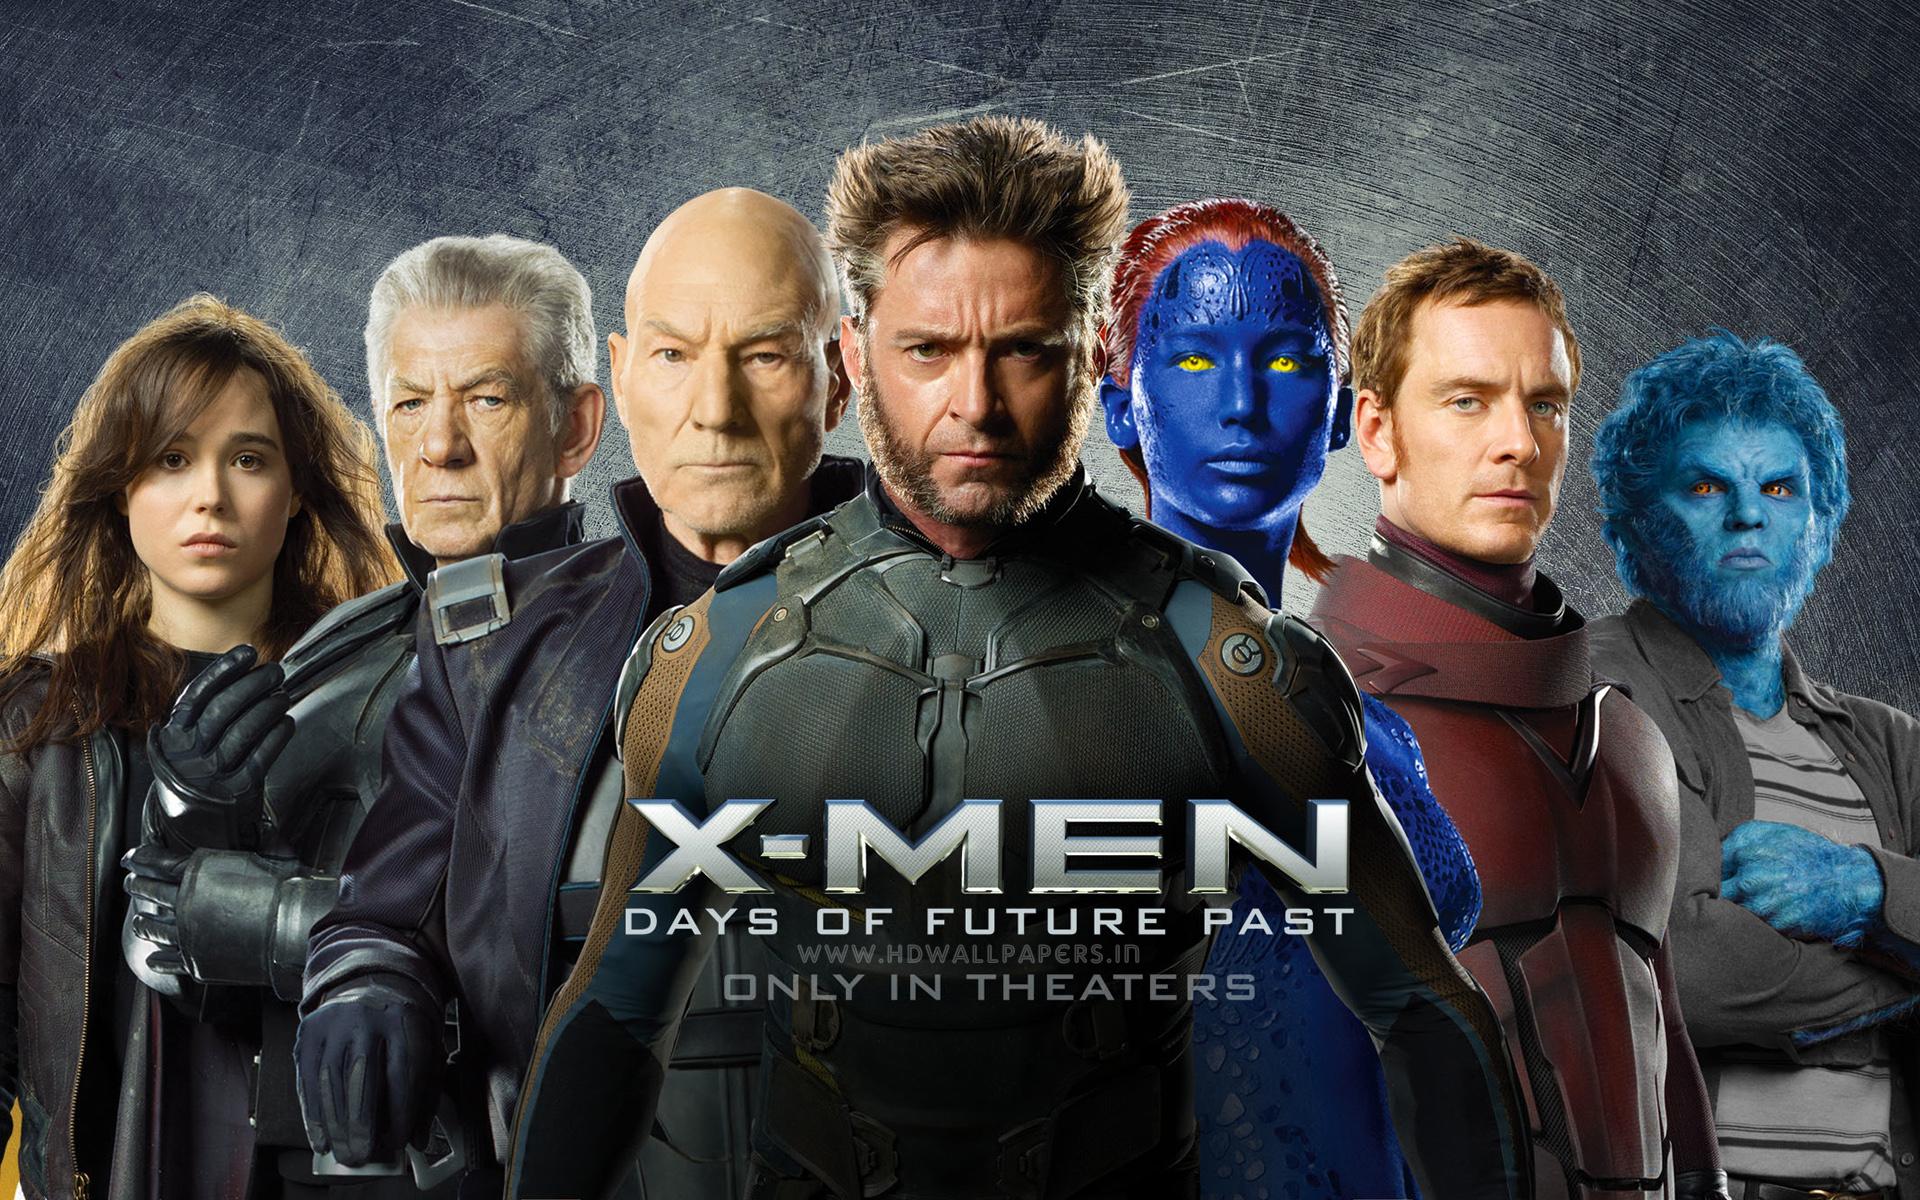 X Men Days of Future Past 2014